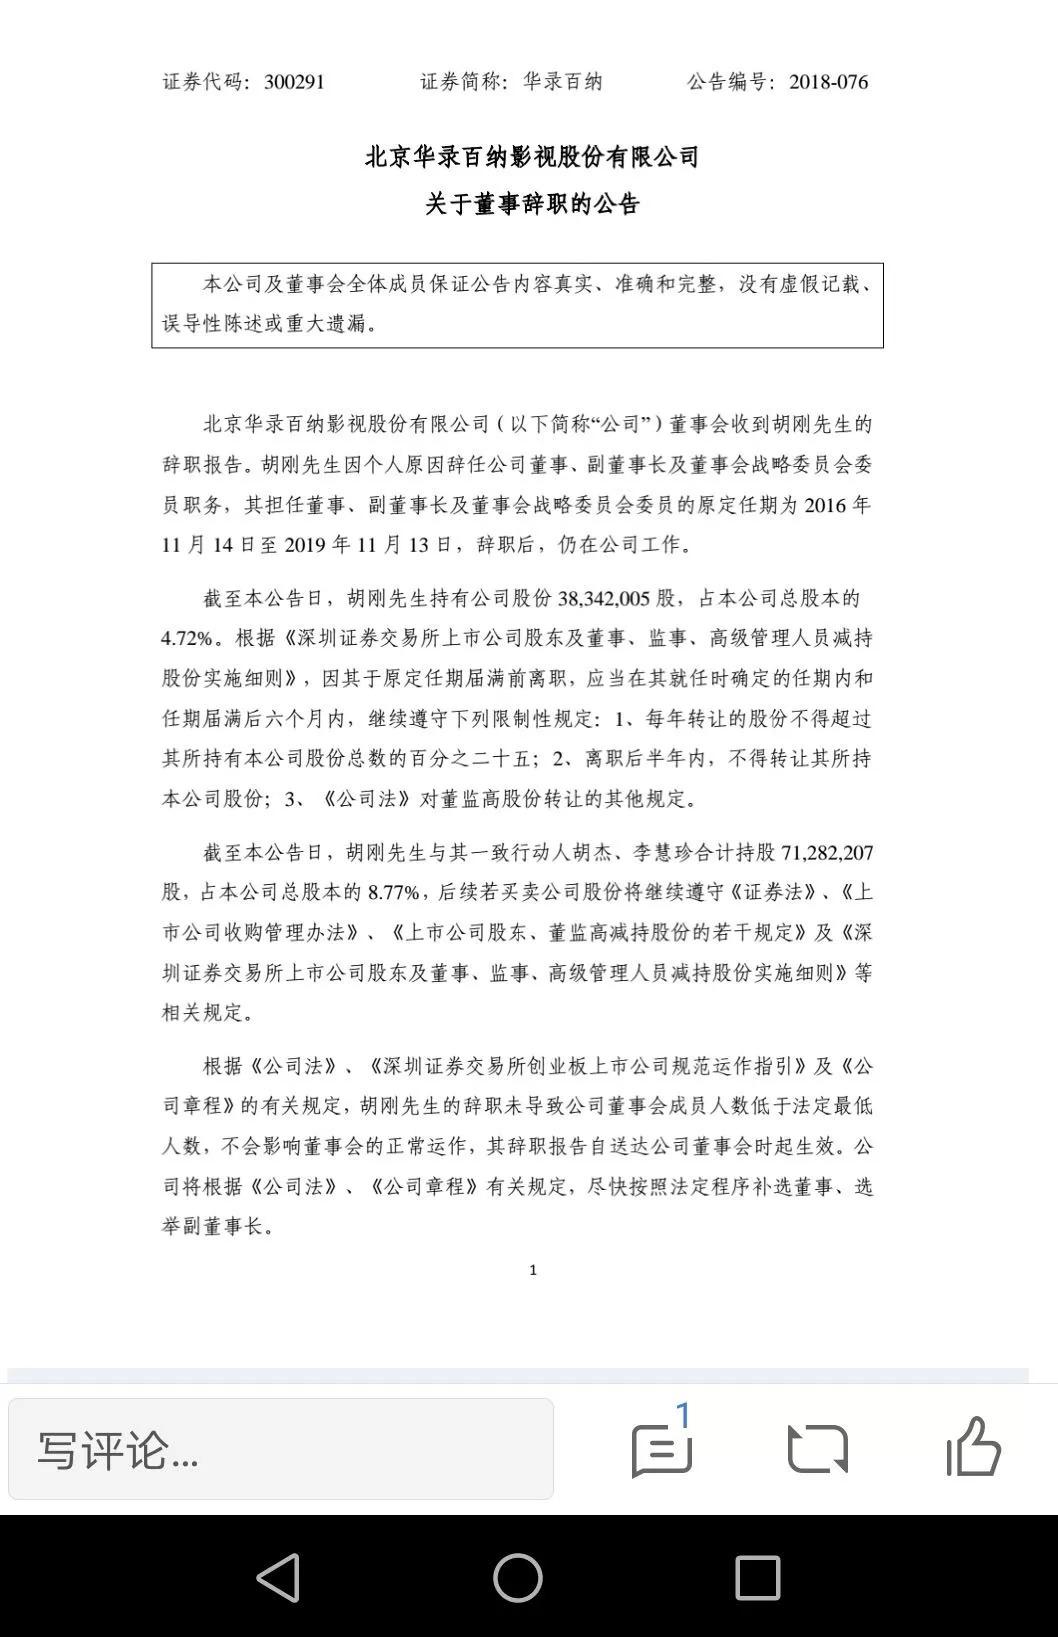 """胡刚离职、账户冻结,华录百纳魂断""""蓝火""""?"""